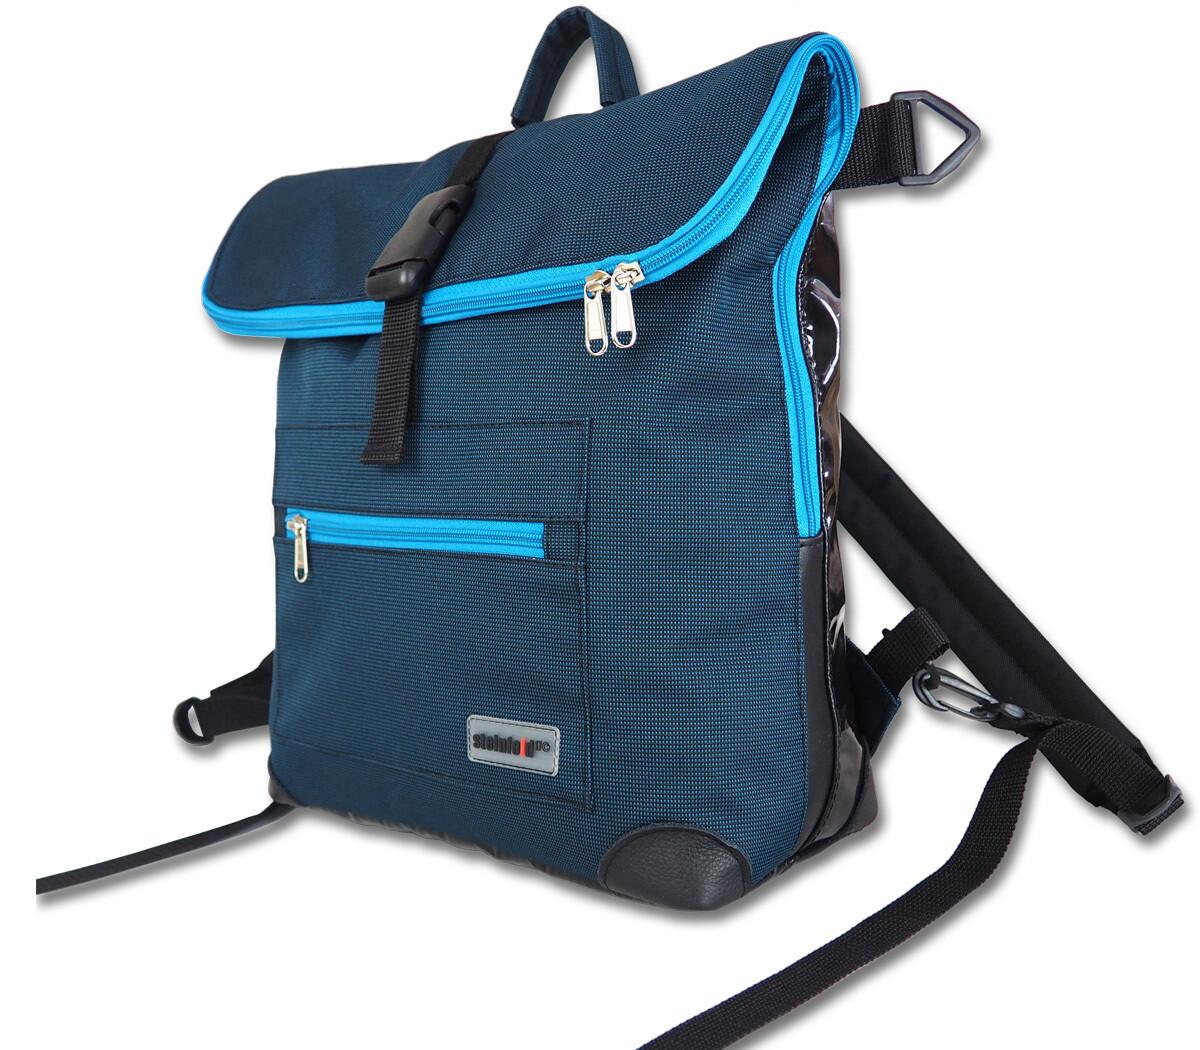 Gepäckträgertasche Radl-Ivy, die Kleine, PES/PVC-Plane-schwarz-türkis (petrol)